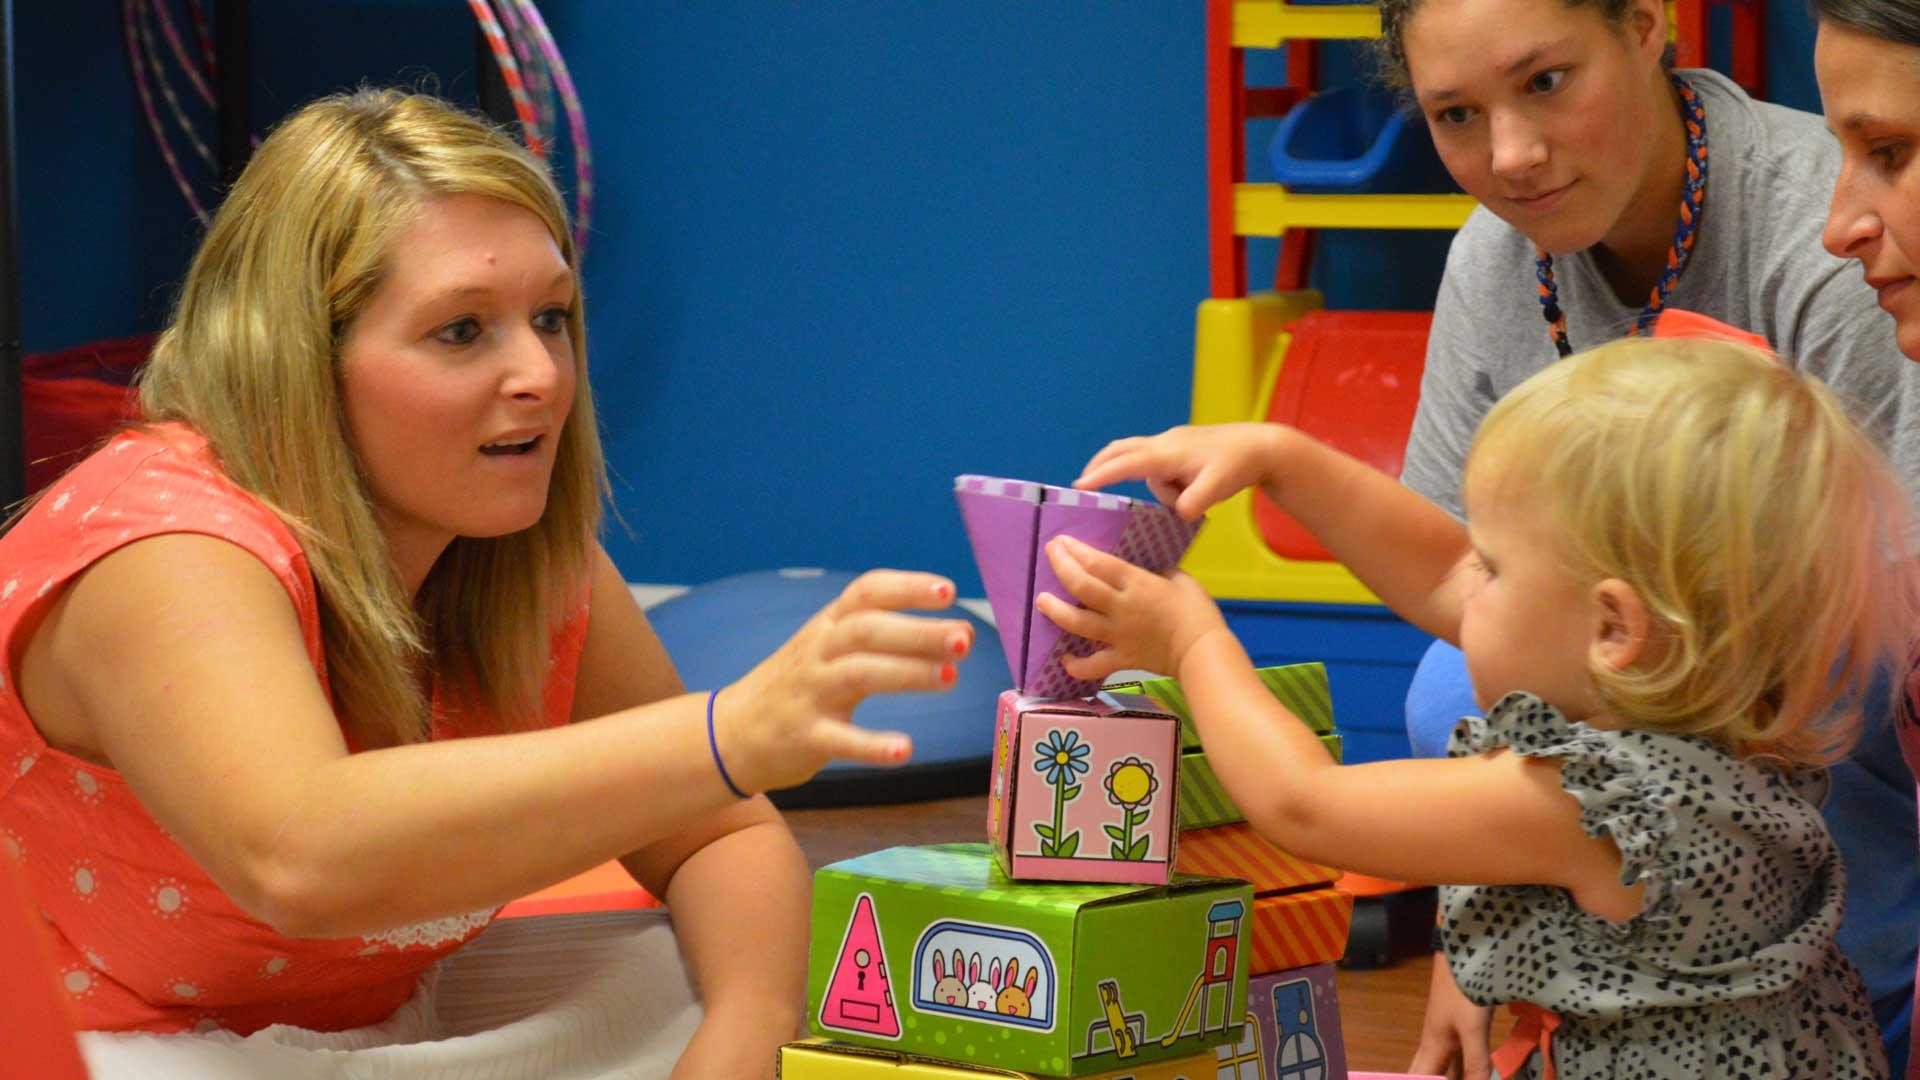 بررسی و مداخله کاردرمانی ذهنی در مشکلات حرکتی و مهارتهای شناختی کودکان